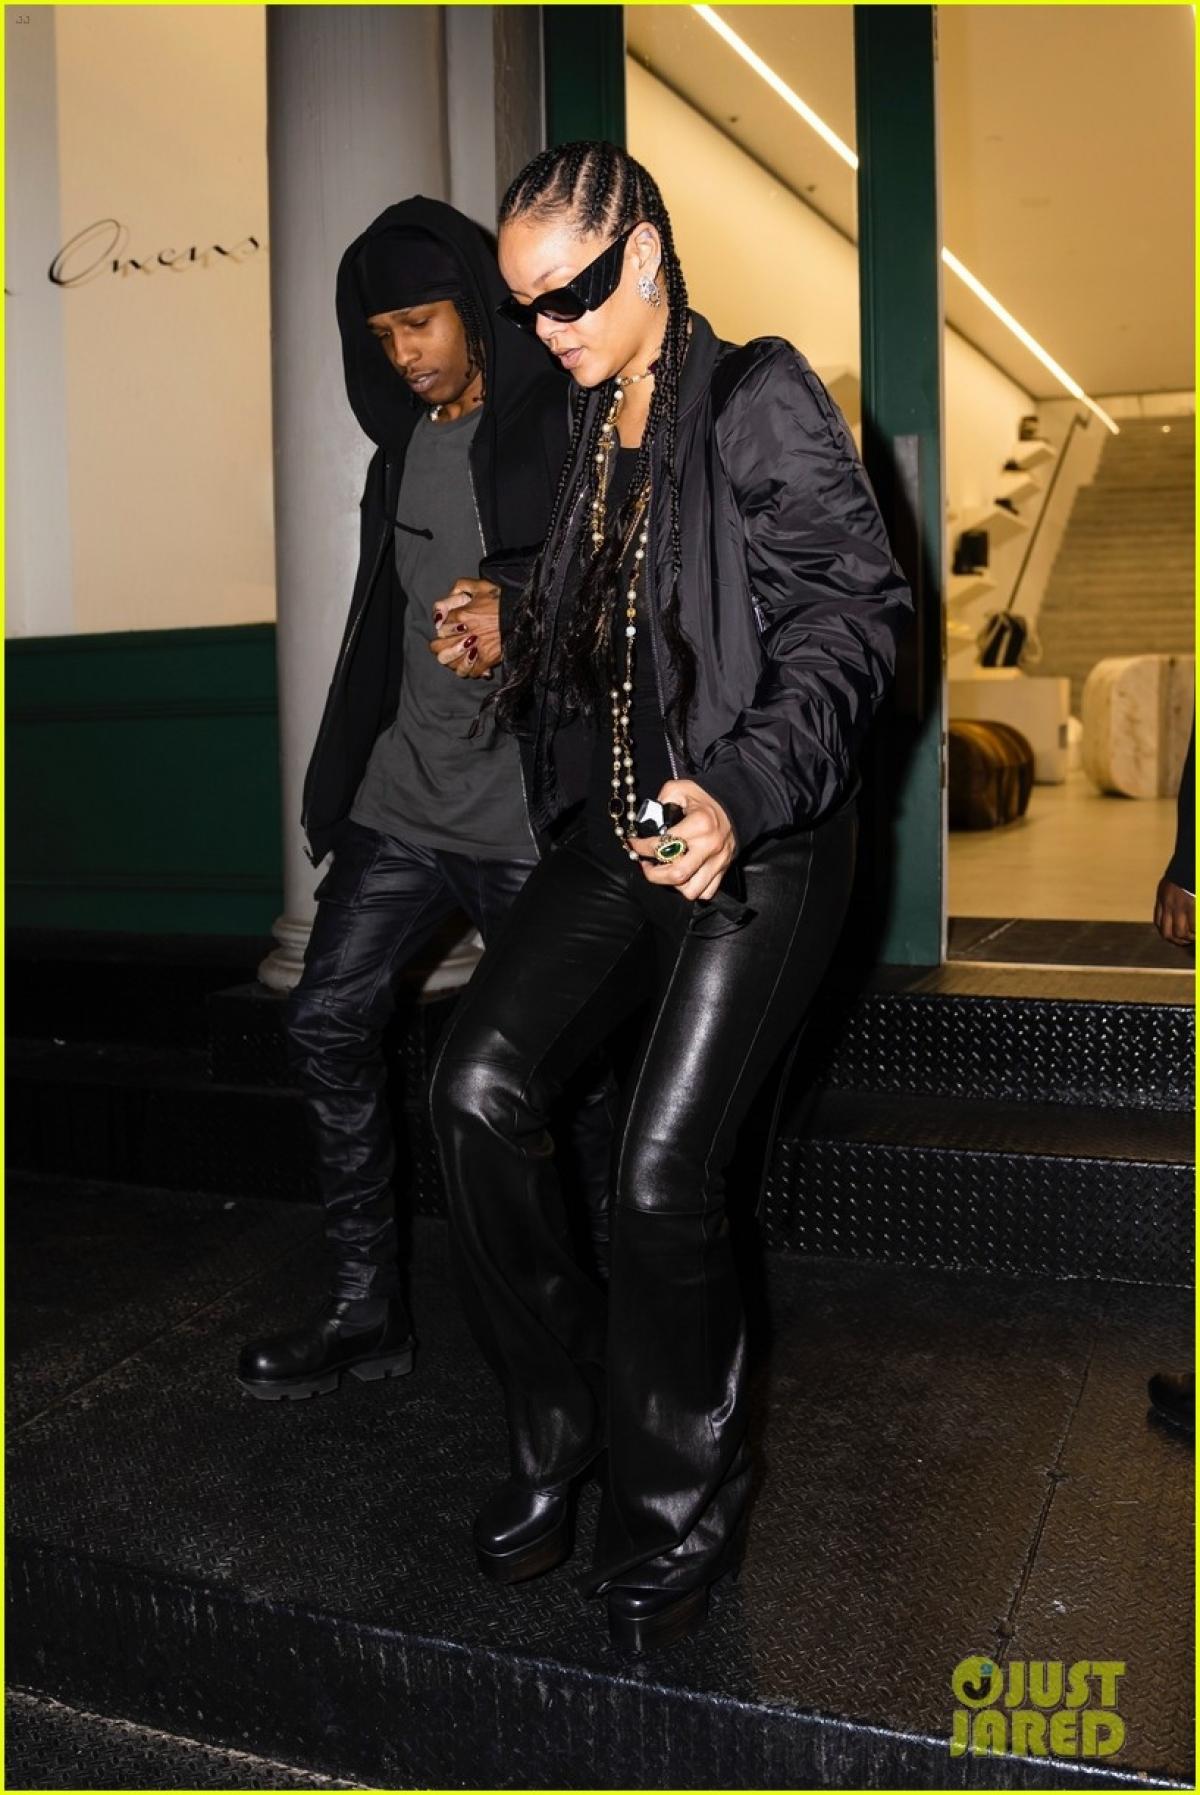 Rihanna đeo trang sức đắt giá, tôn lên vẻ sang chảnh, quyến rũ.